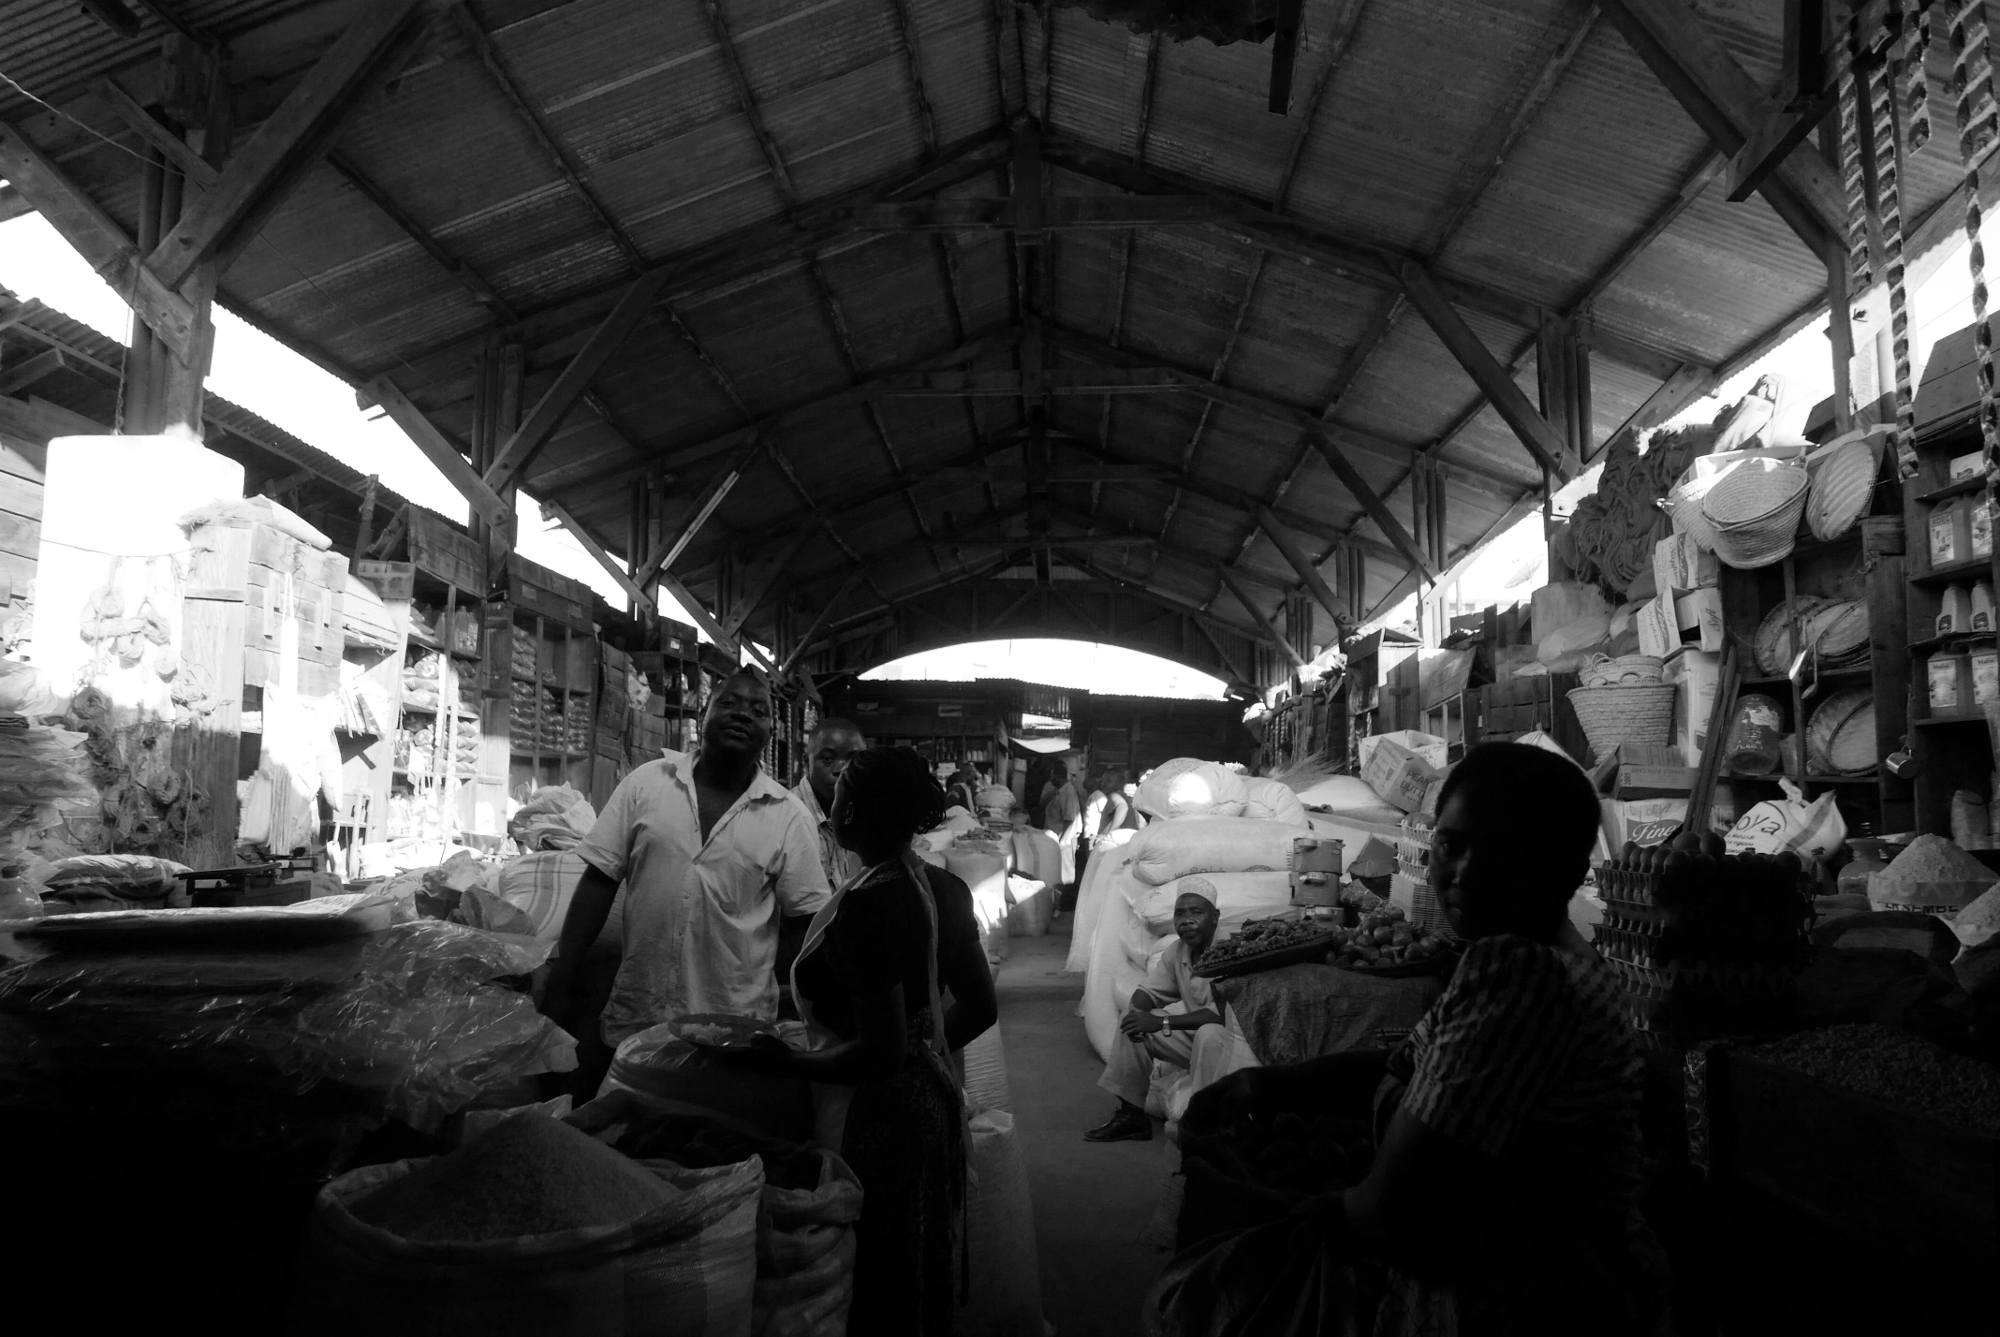 Market, Kigoma